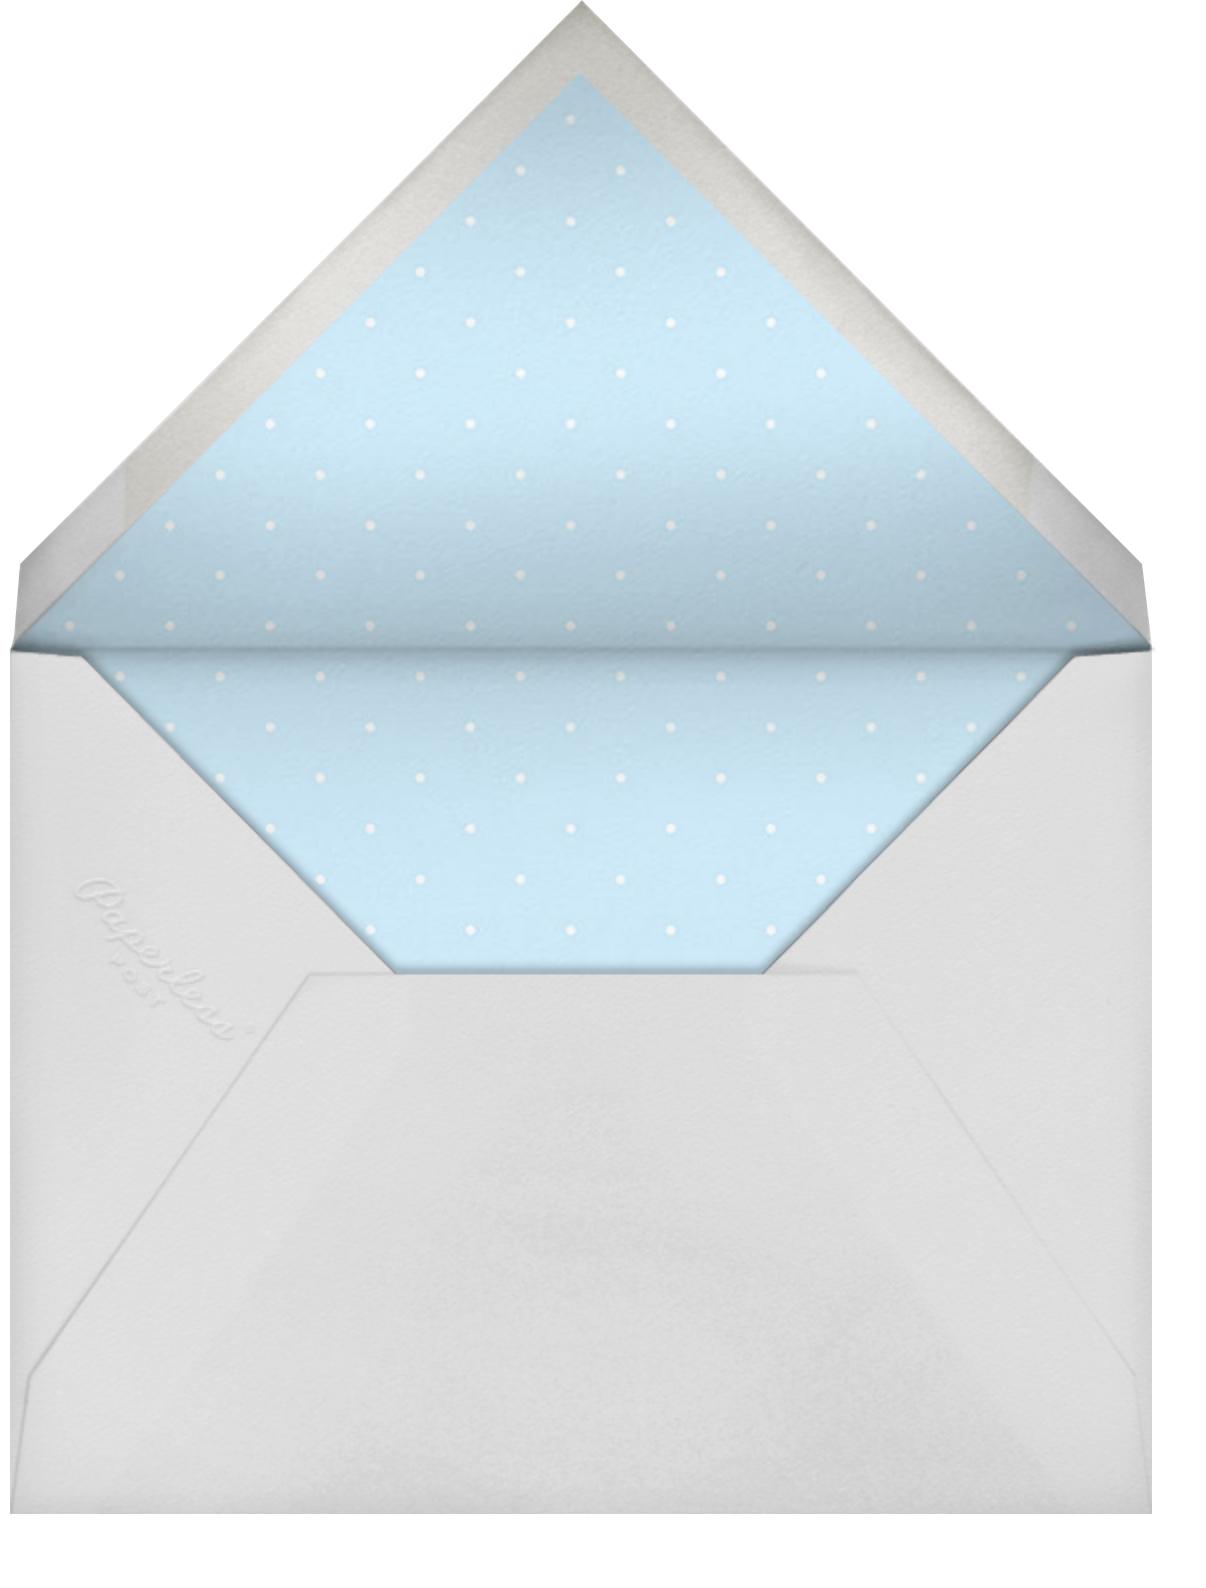 Los Angeles Skyline Snowglobe - Paperless Post - Winter parties - envelope back